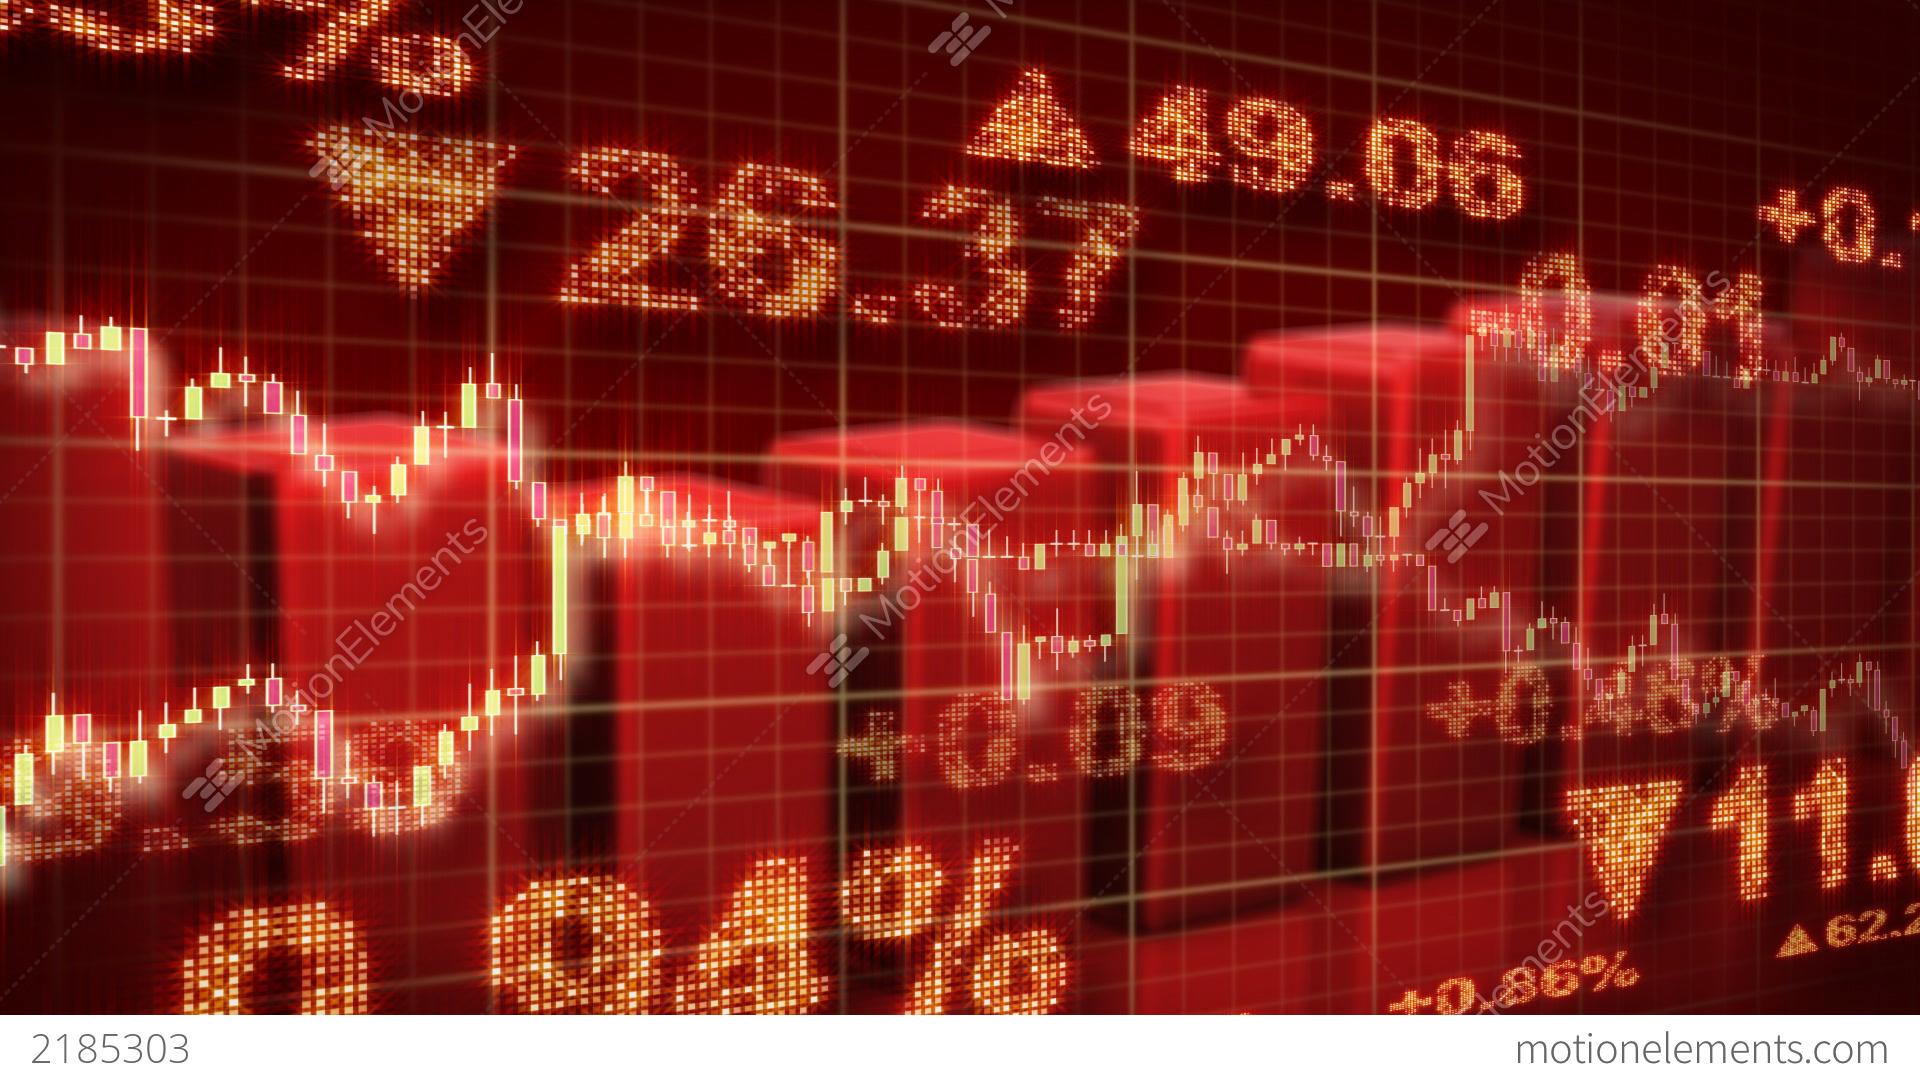 Red spots markets company